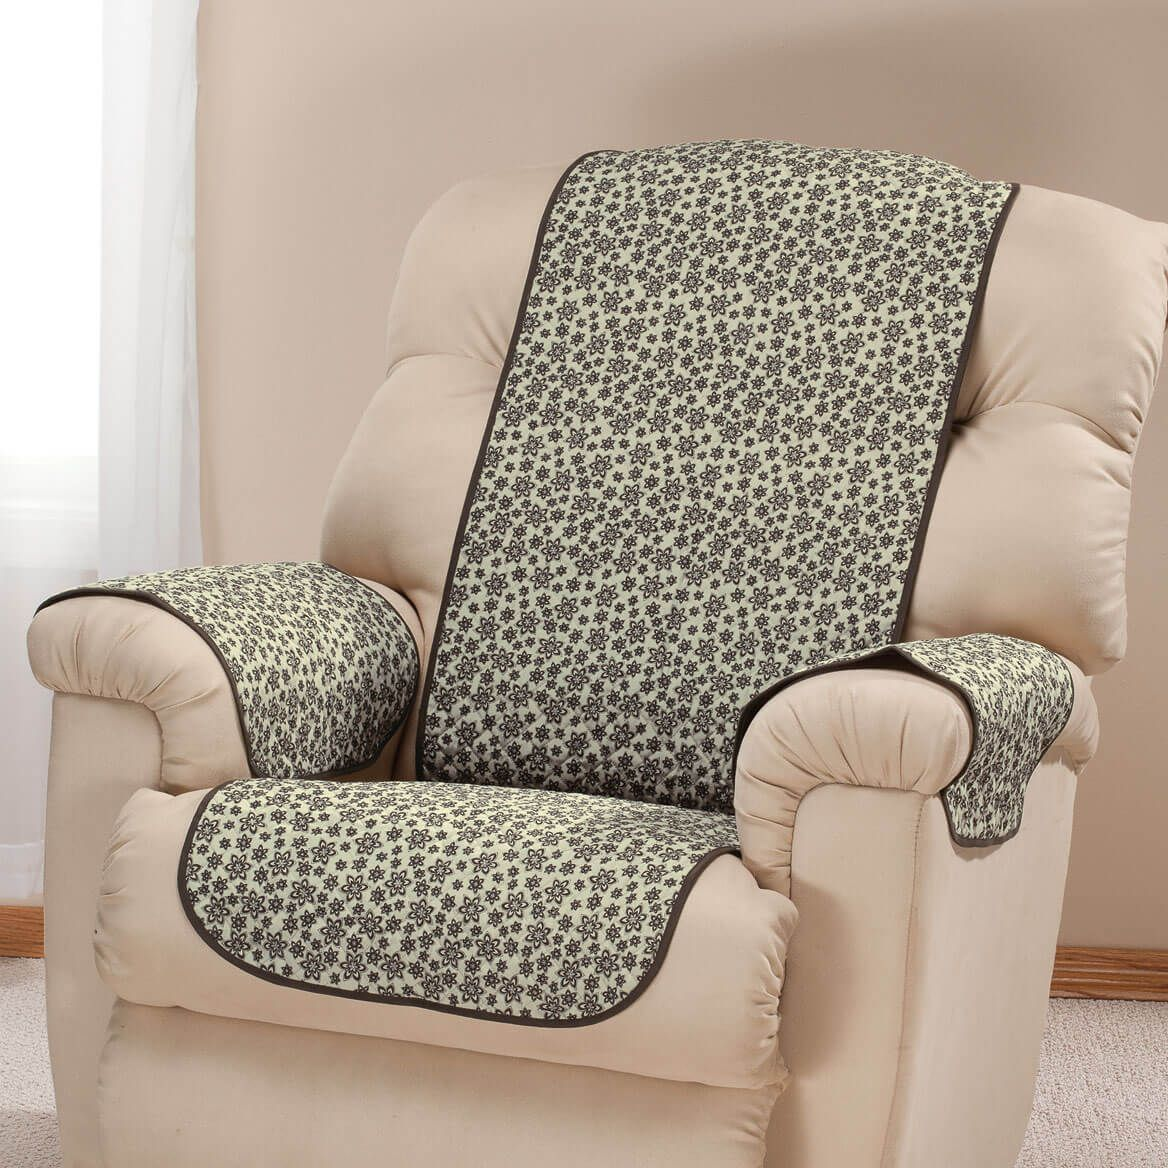 Fashion Chair Cover by OakRidge™-345724